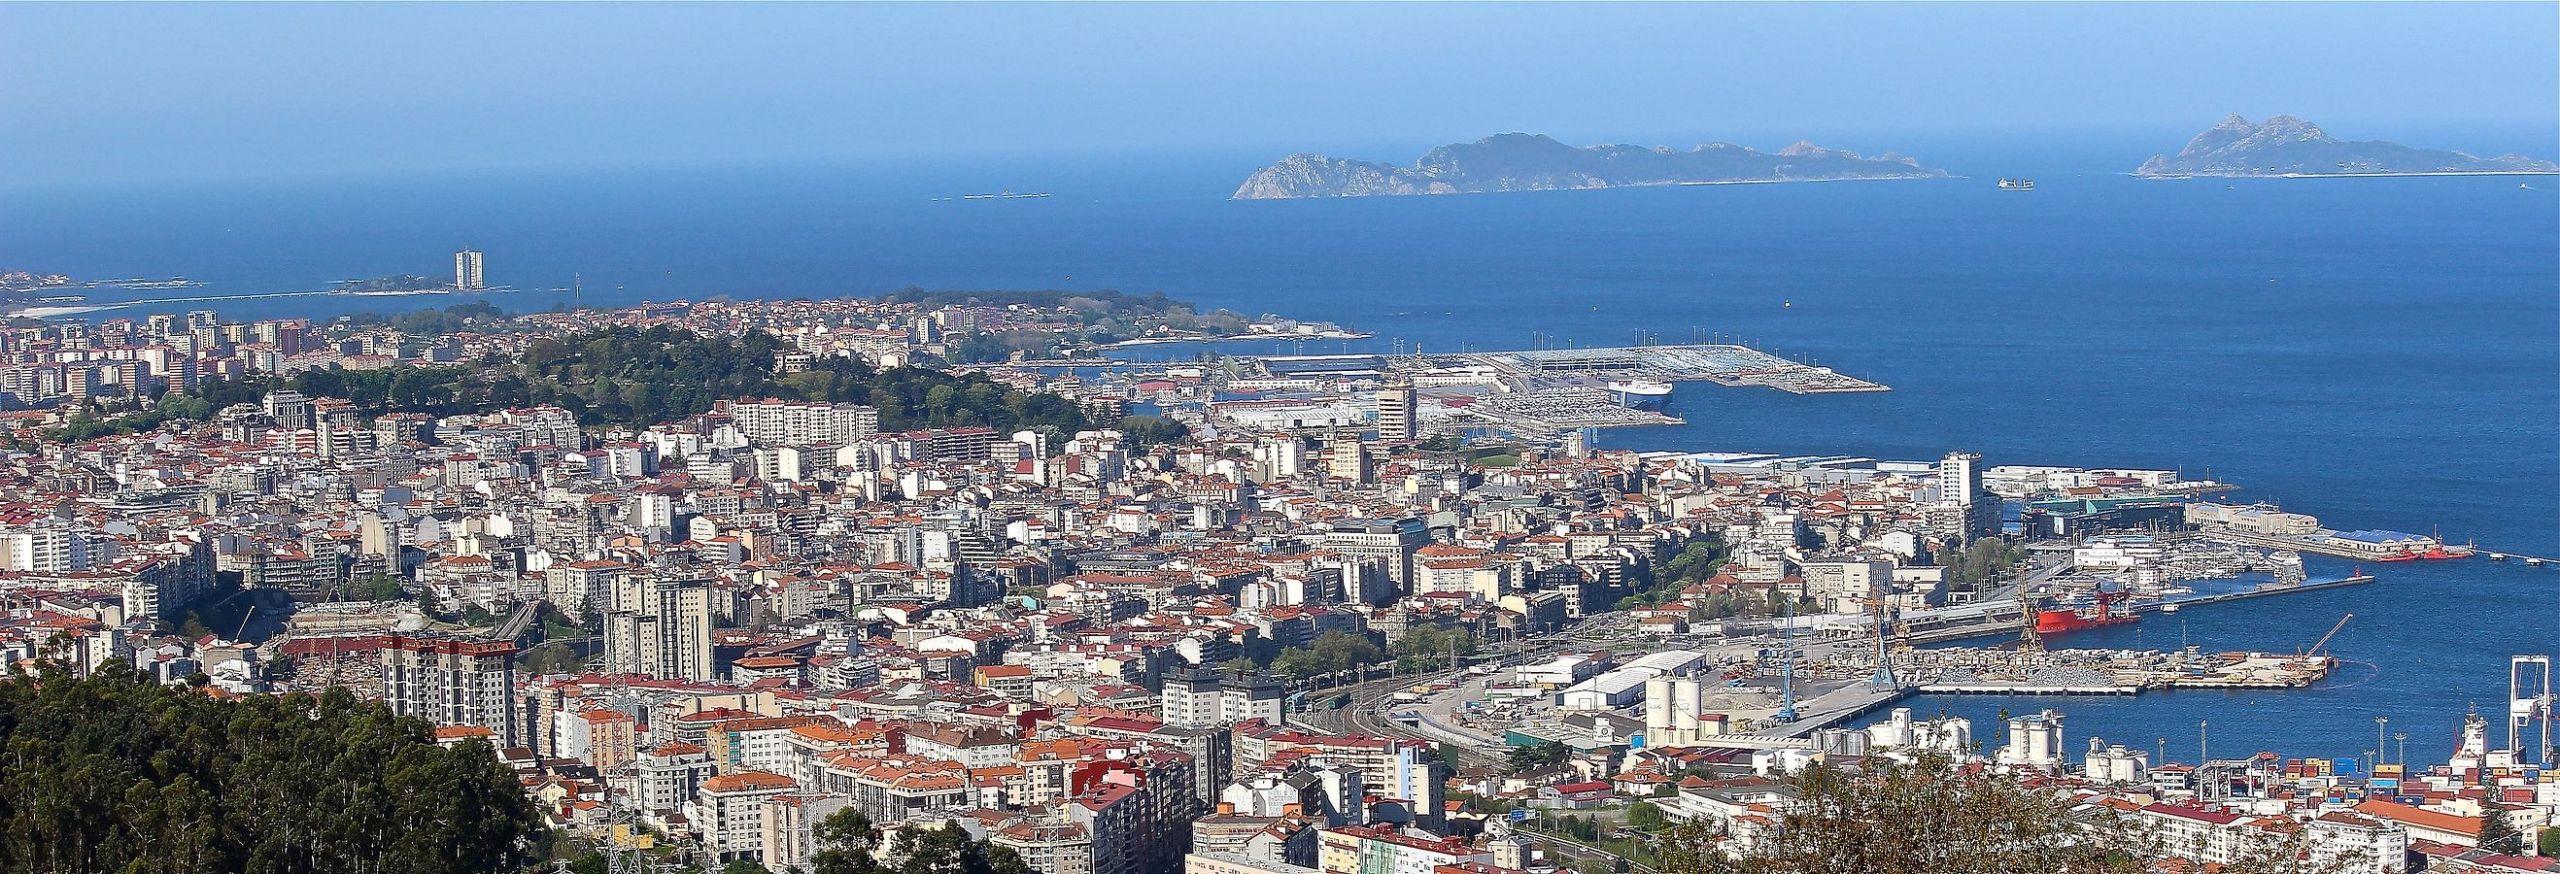 Vigo Wikiwand